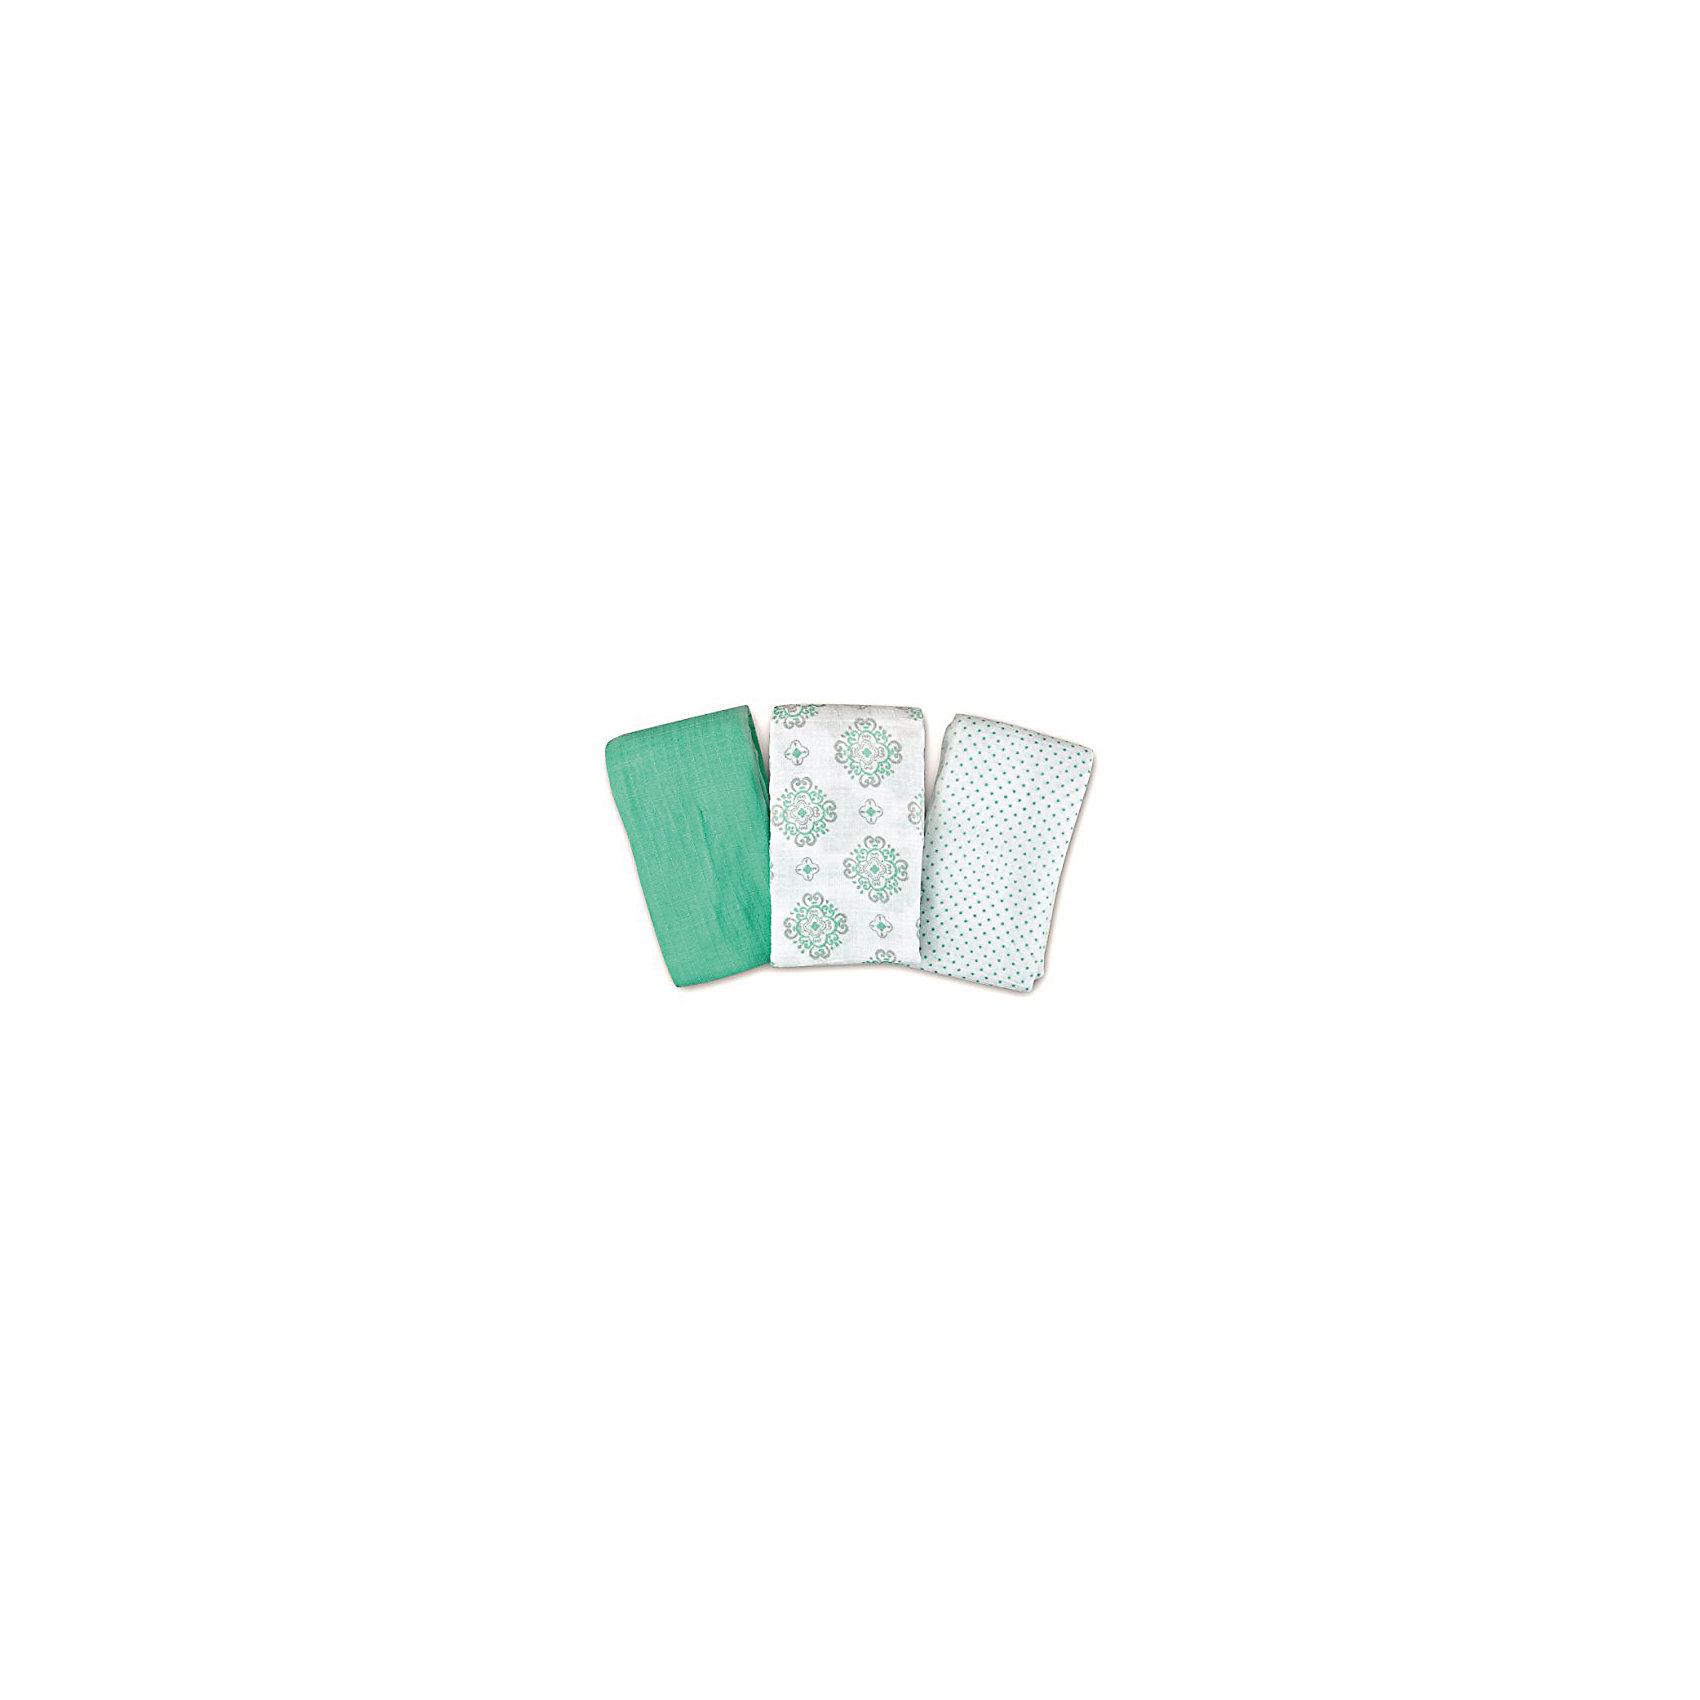 Набор пеленок Muslin Swaddleme, 3 шт., Summer Infant, бирюзовый/орнаментПеленание<br>Характеристики пеленок Muslin Swaddleme:<br><br>• натуральное волокно пеленок;<br>• свободное движение воздуха;<br>• мягкость дышащего материала;<br>• состав ткани: 100% муслин (тонкотканный хлопок);<br>• размер пеленки: 102х102 см;<br>• количество в упаковке: 3 шт.;<br>• размер упаковки: 32х20,5х4 см;<br>• вес: 430 г.<br><br>Пеленки используются с первых дней жизни ребенка. Пригодны для пеленания, для покрытия пеленального столика, родительской кровати, дна ванночки. Мягкие и дышащие пеленки украшены различными принтами. <br><br>Набор пеленок Muslin Swaddleme, 3 шт., Summer Infant, бирюзовый/орнамент можно купить в нашем интернет-магазине.<br><br>Ширина мм: 205<br>Глубина мм: 320<br>Высота мм: 40<br>Вес г: 430<br>Возраст от месяцев: 0<br>Возраст до месяцев: 3<br>Пол: Унисекс<br>Возраст: Детский<br>SKU: 5508005